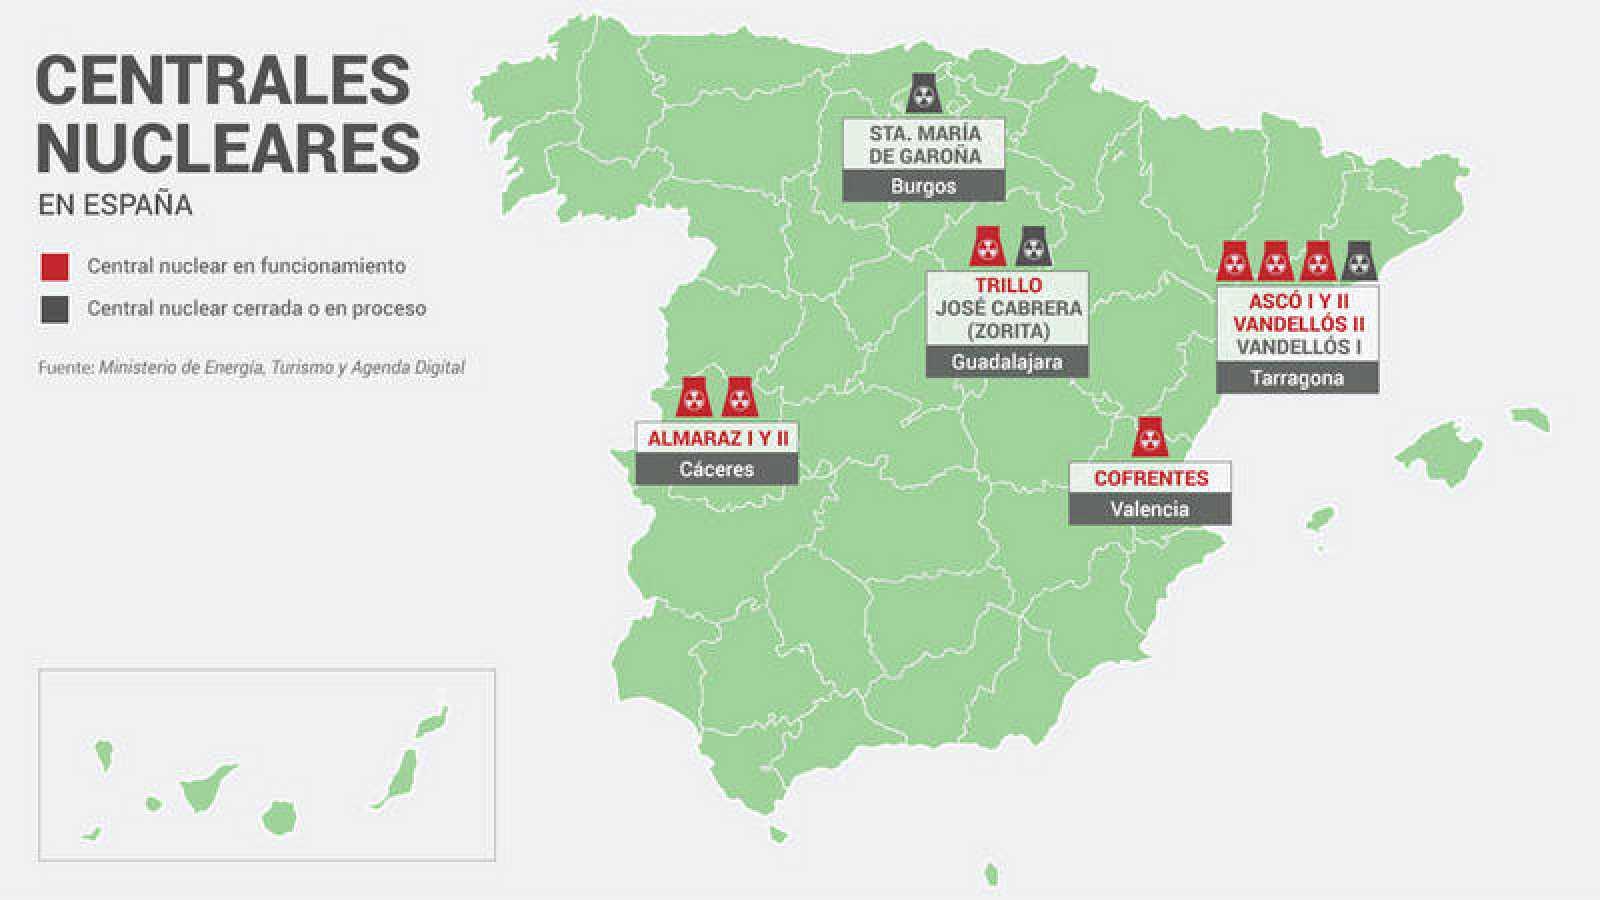 Mapa de las centrales nucleares en España